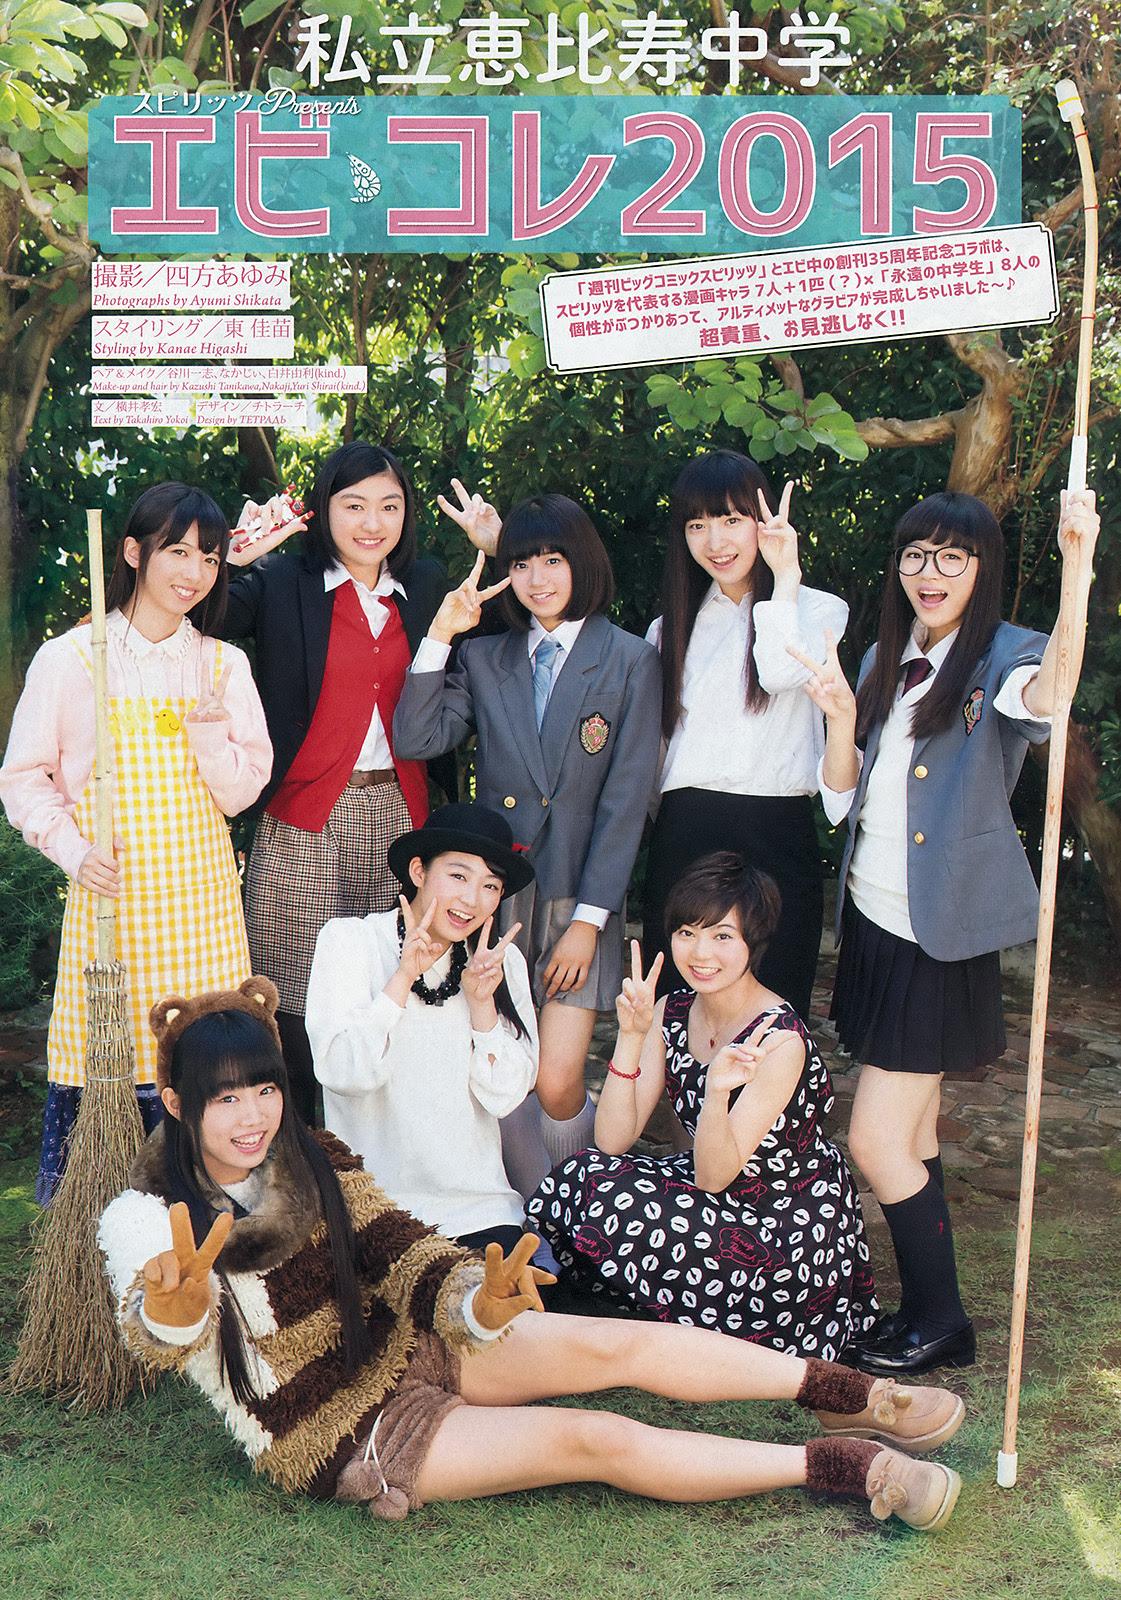 Big Comic Spirits, Magazine, Shiritsu Ebisu Chuugaku (私立恵比寿中学)